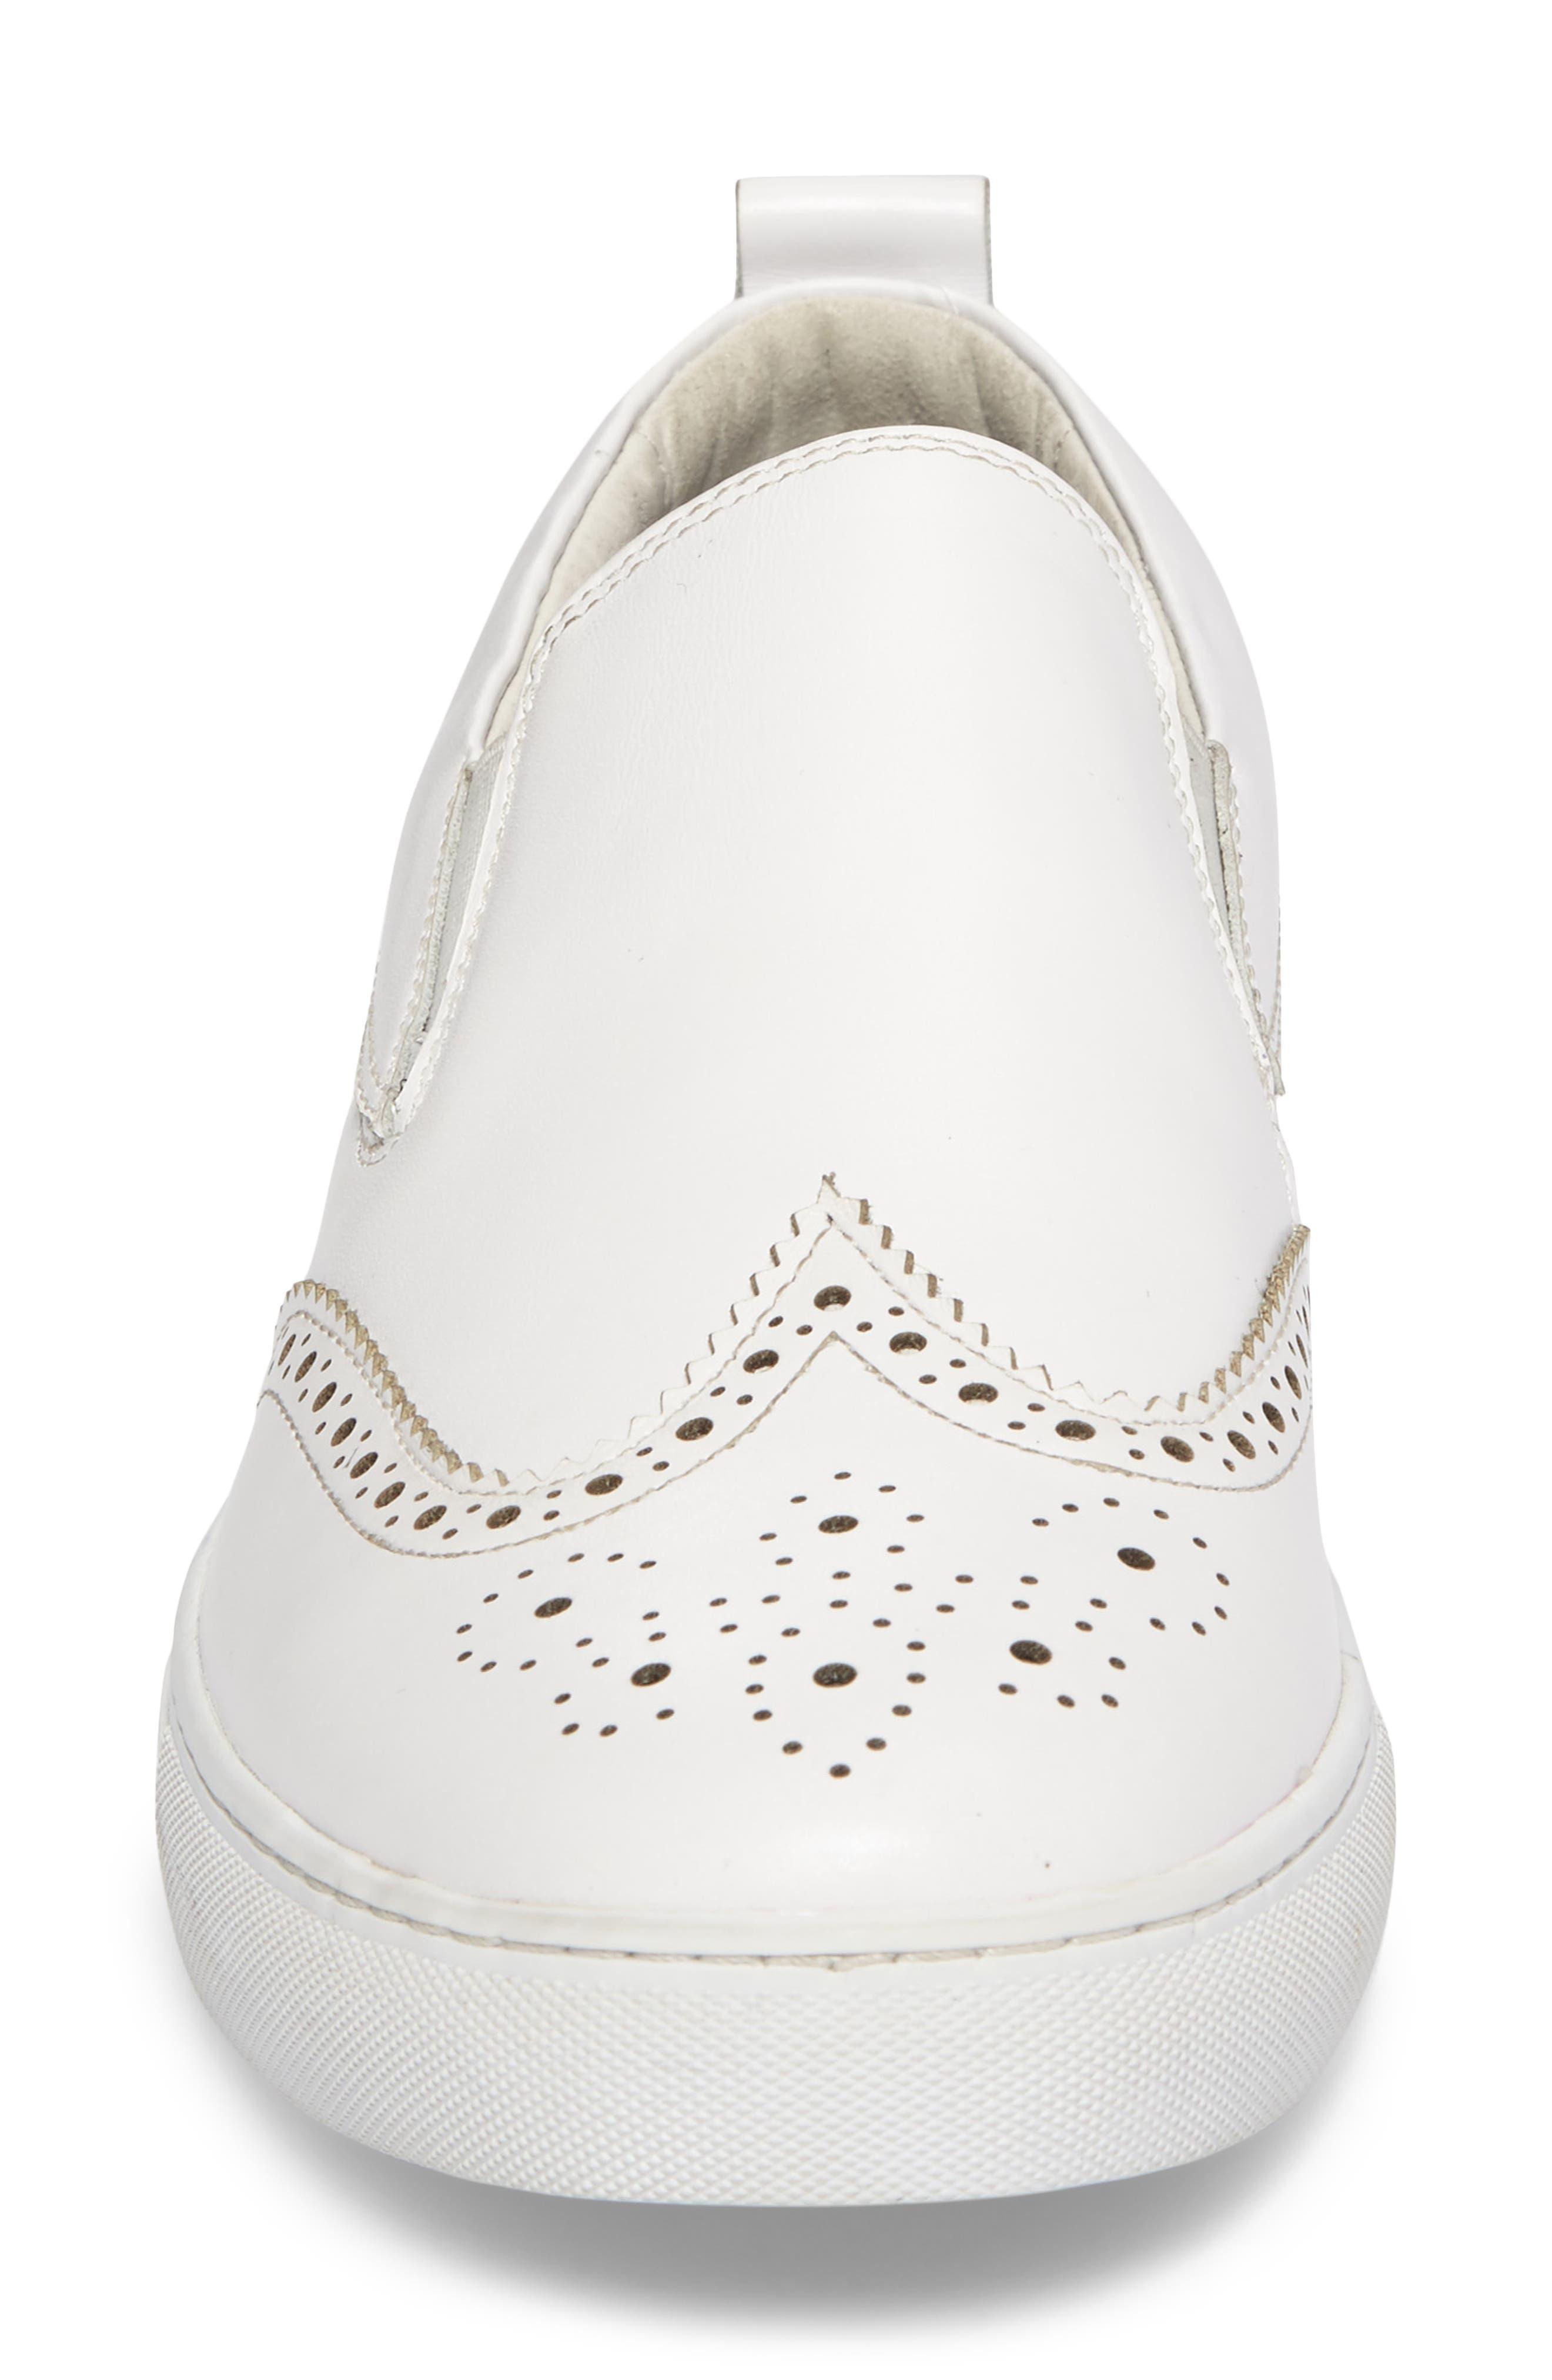 Ali Wingtip Slip-On Sneaker,                             Alternate thumbnail 4, color,                             White Leather